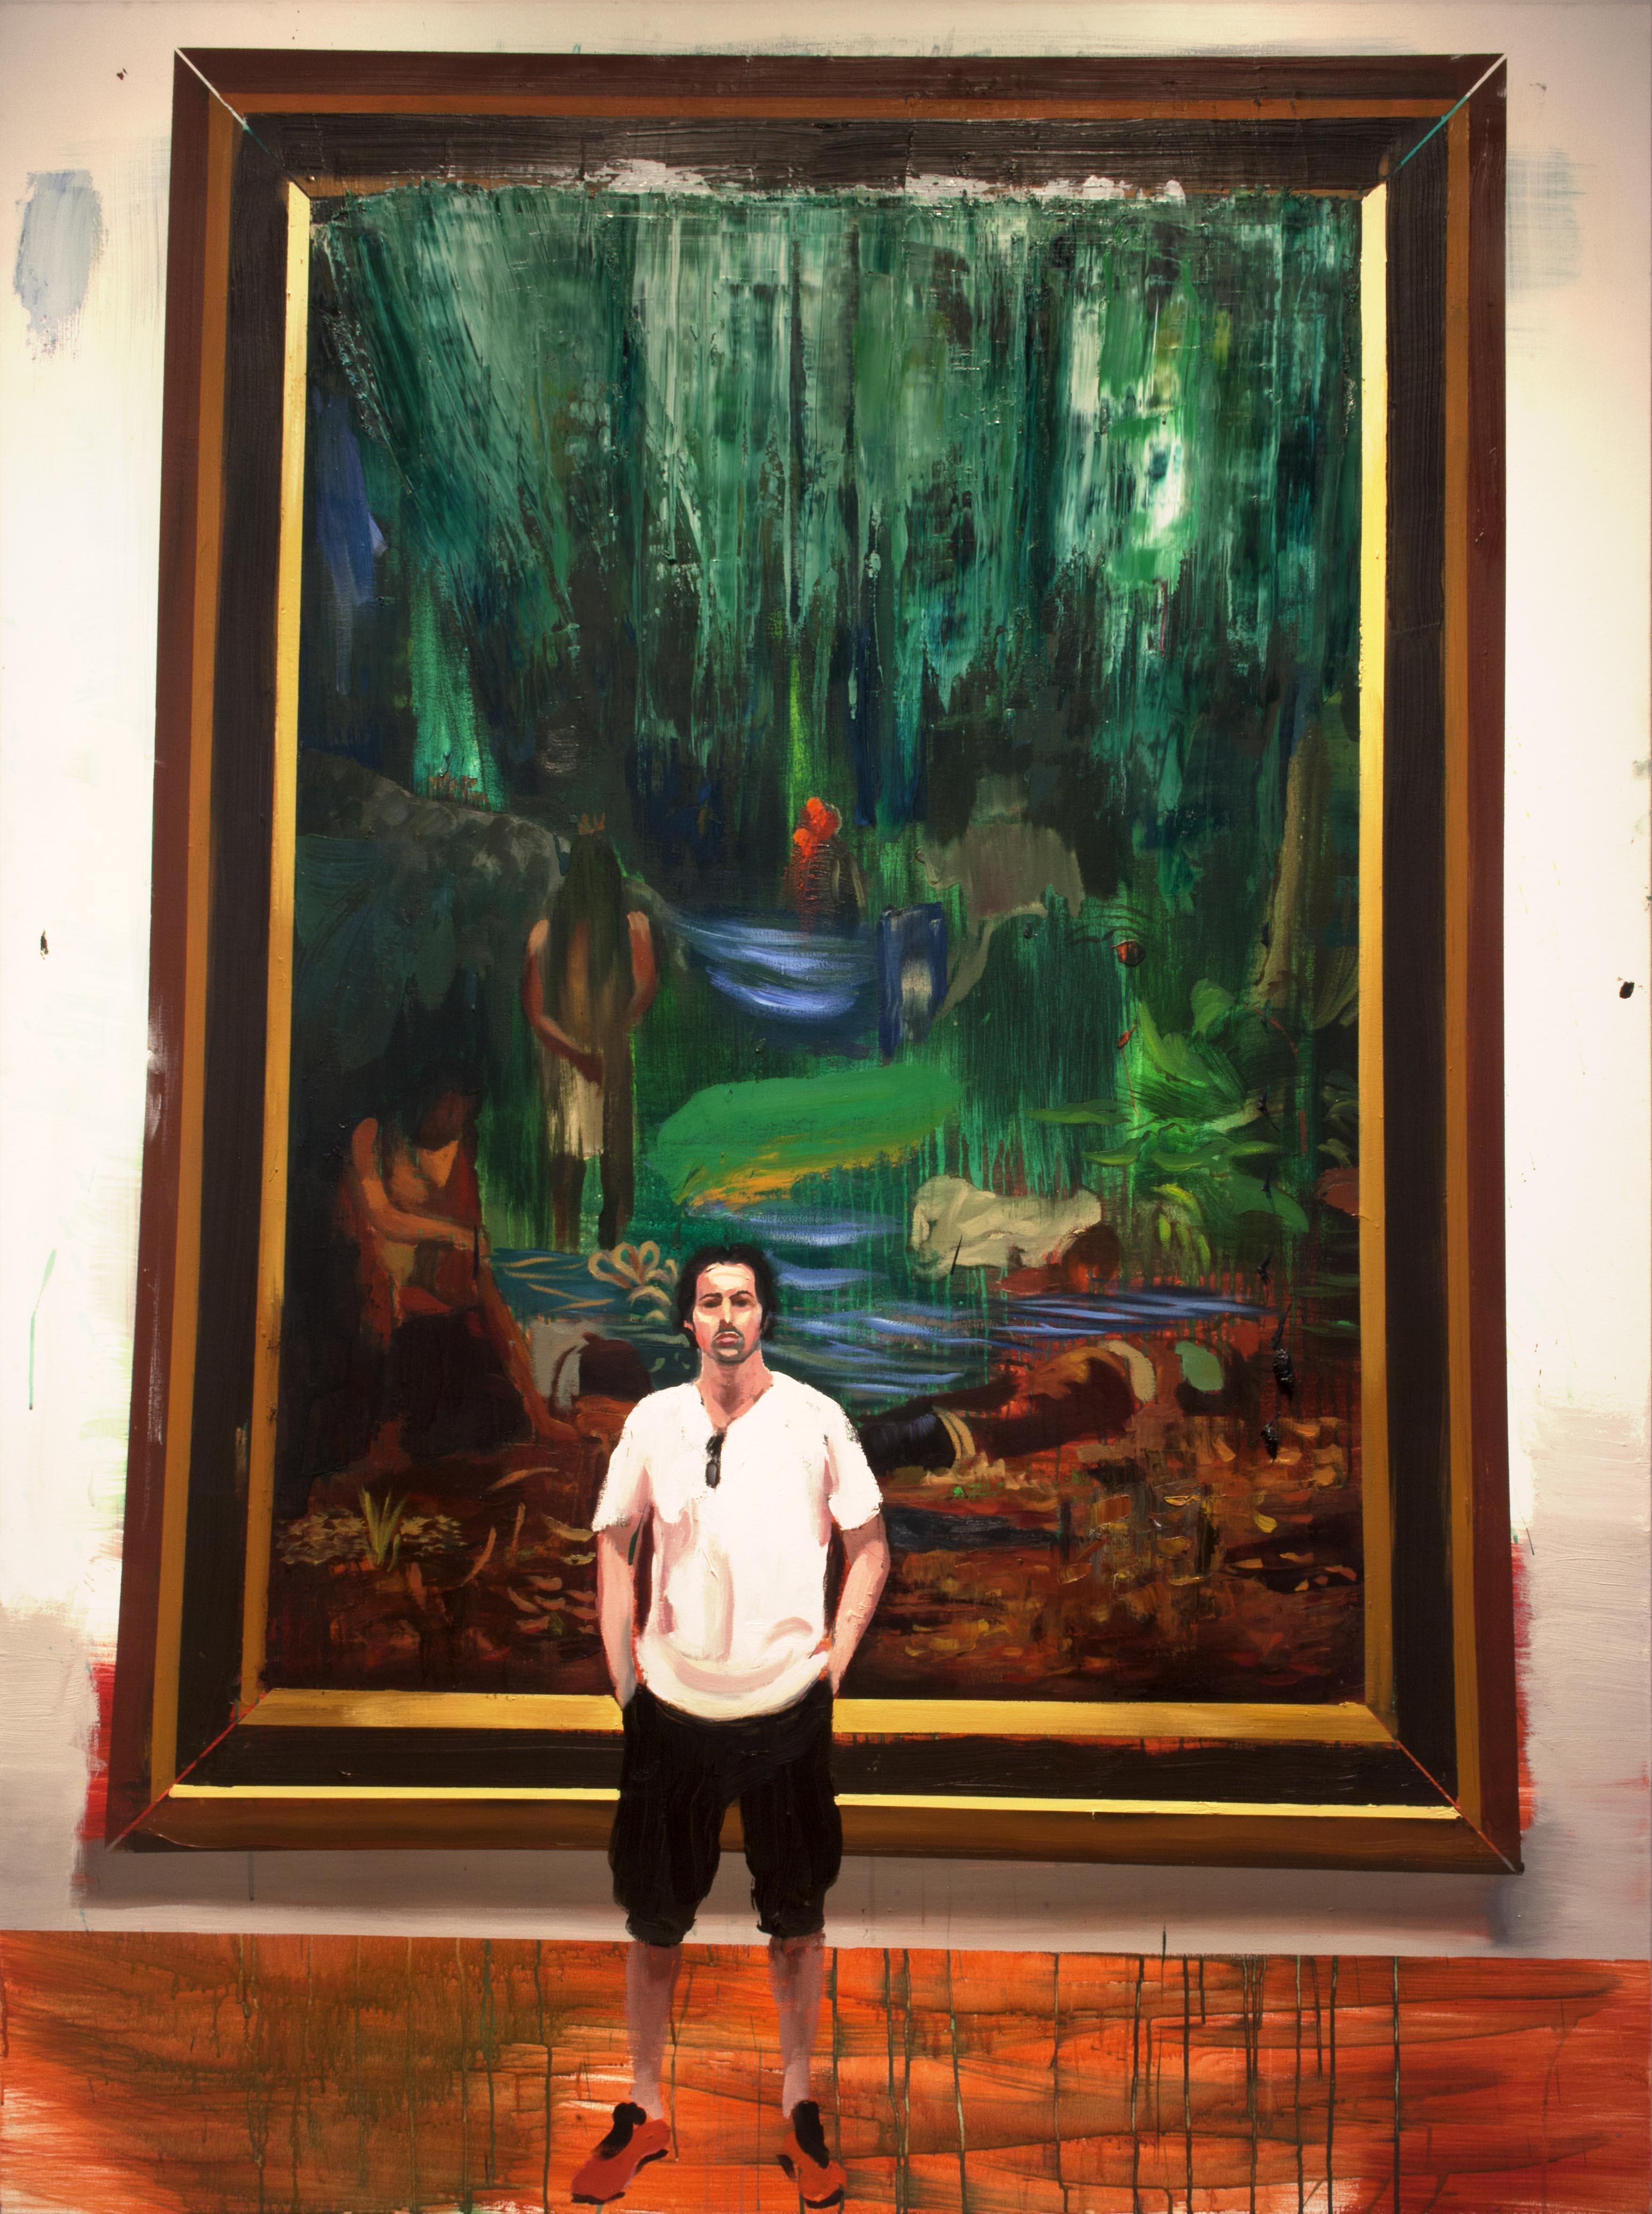 Trabalho premiado do artista Daniel Lannes